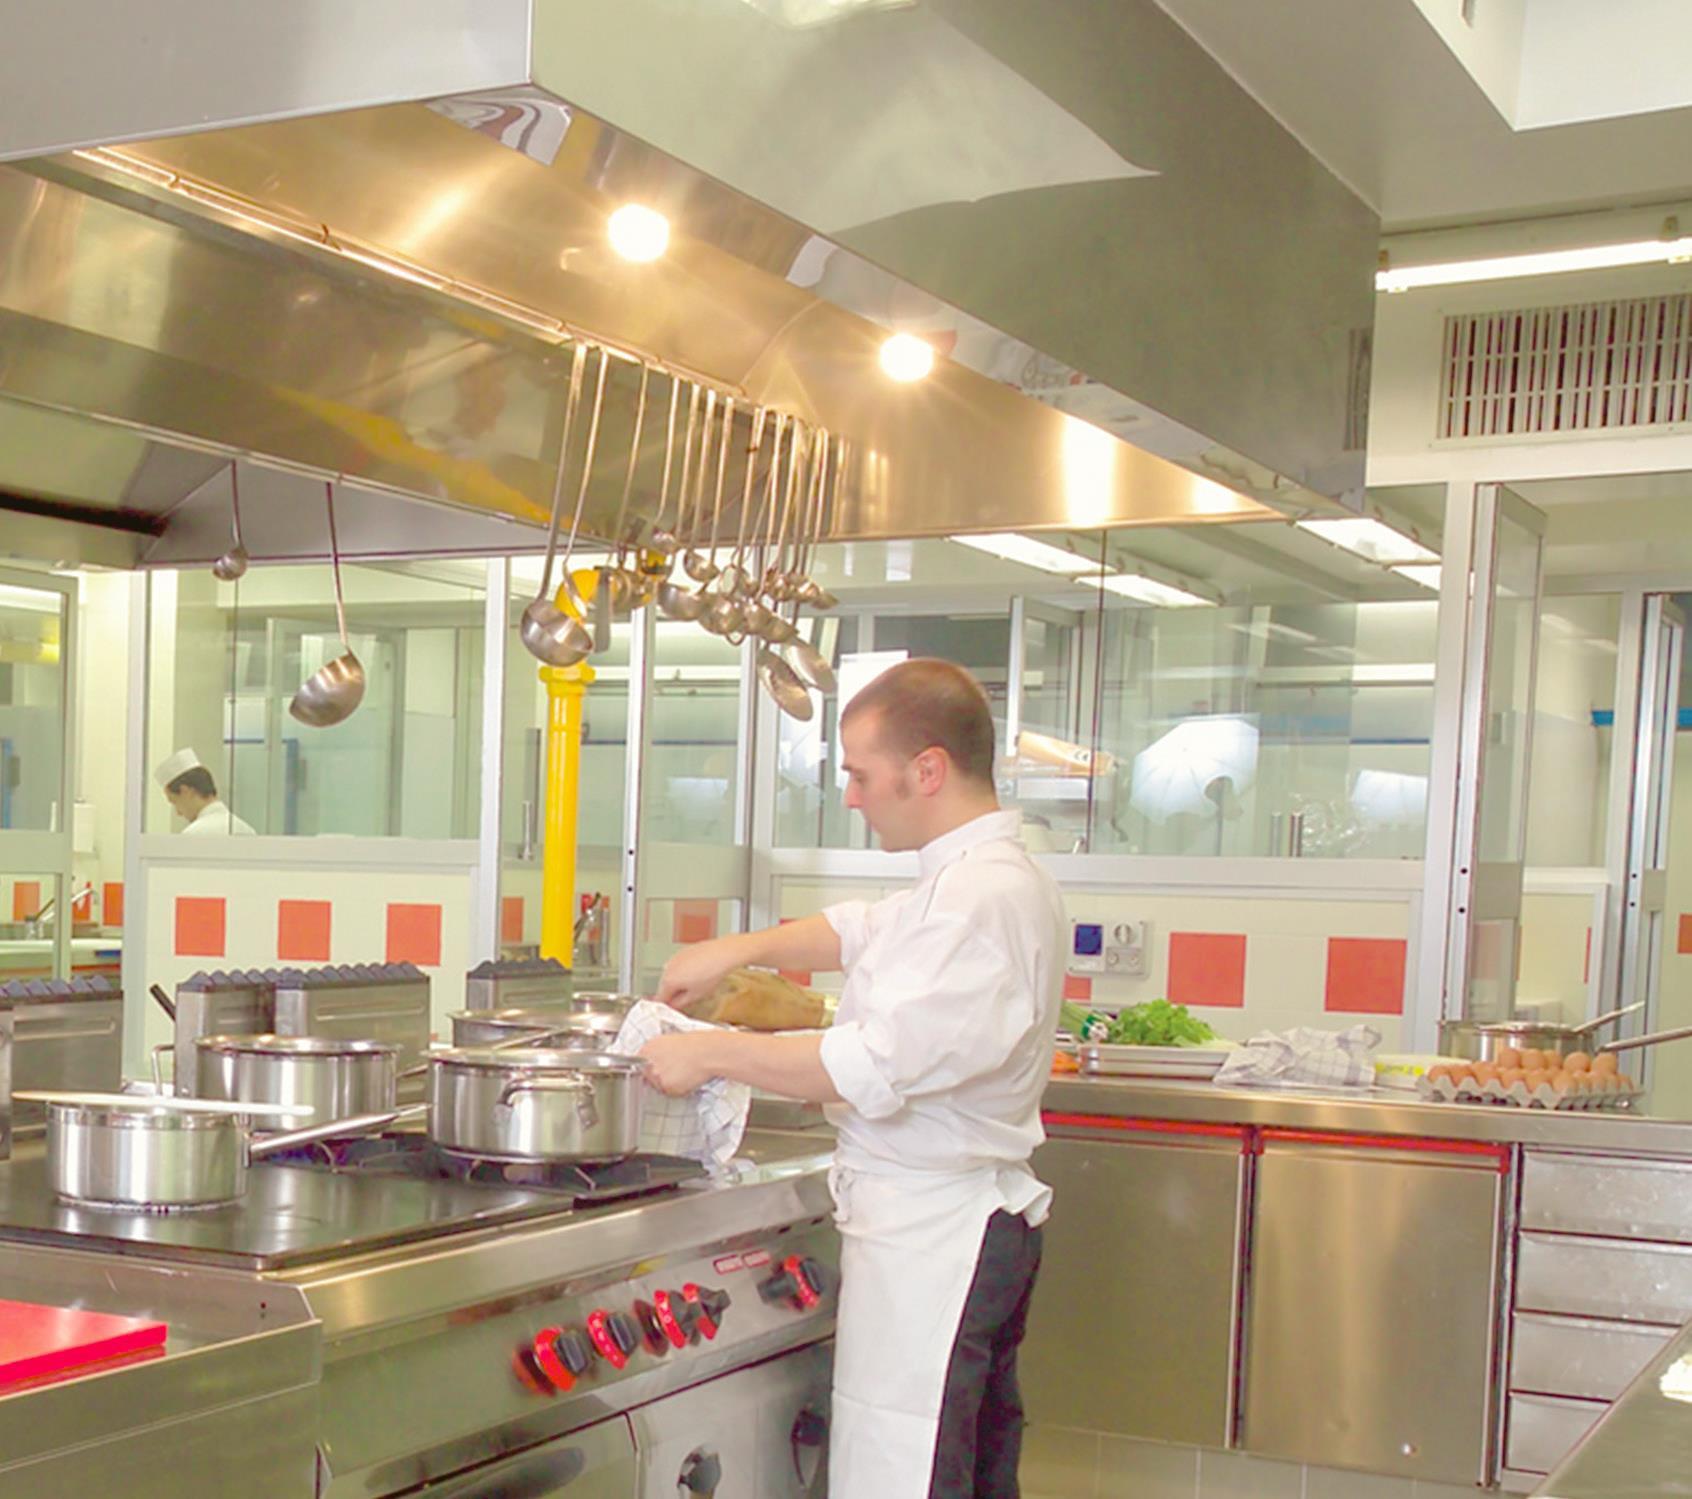 Sistemi di ventilazione che cosa si deve sapere - Ventilazione cucina ...